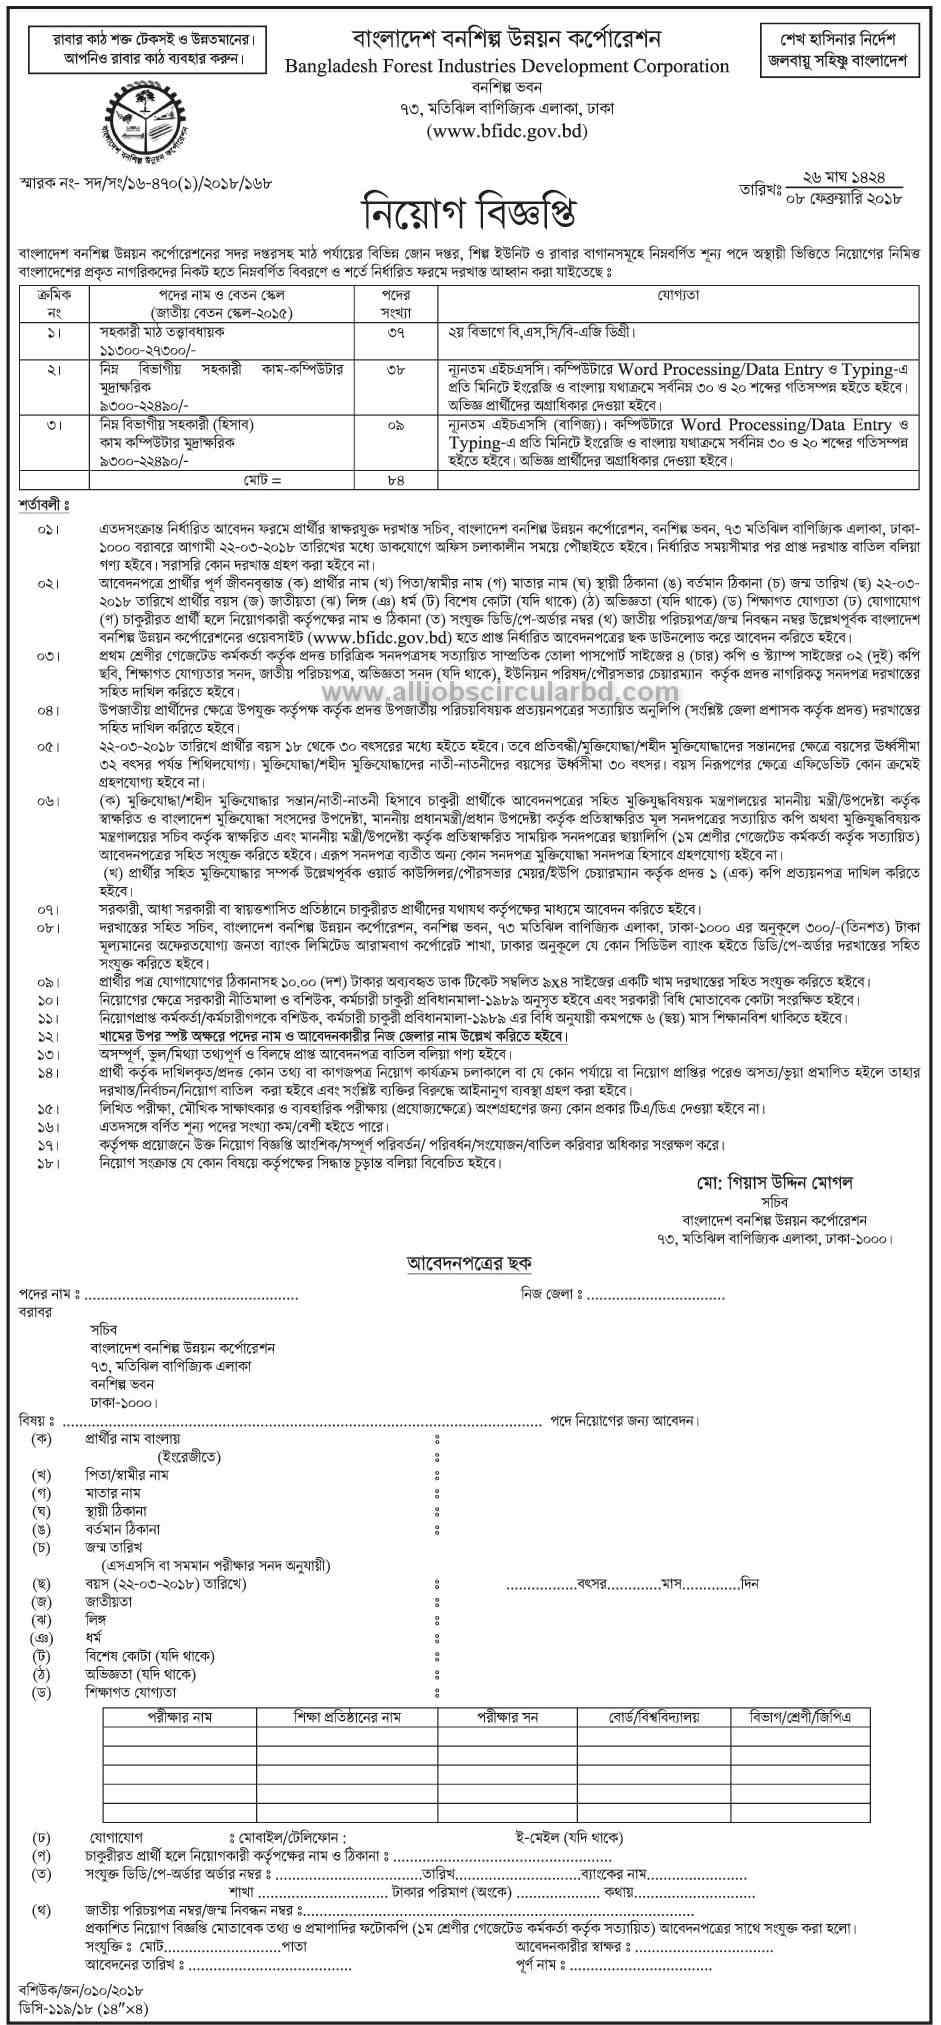 BFIDC Job circular